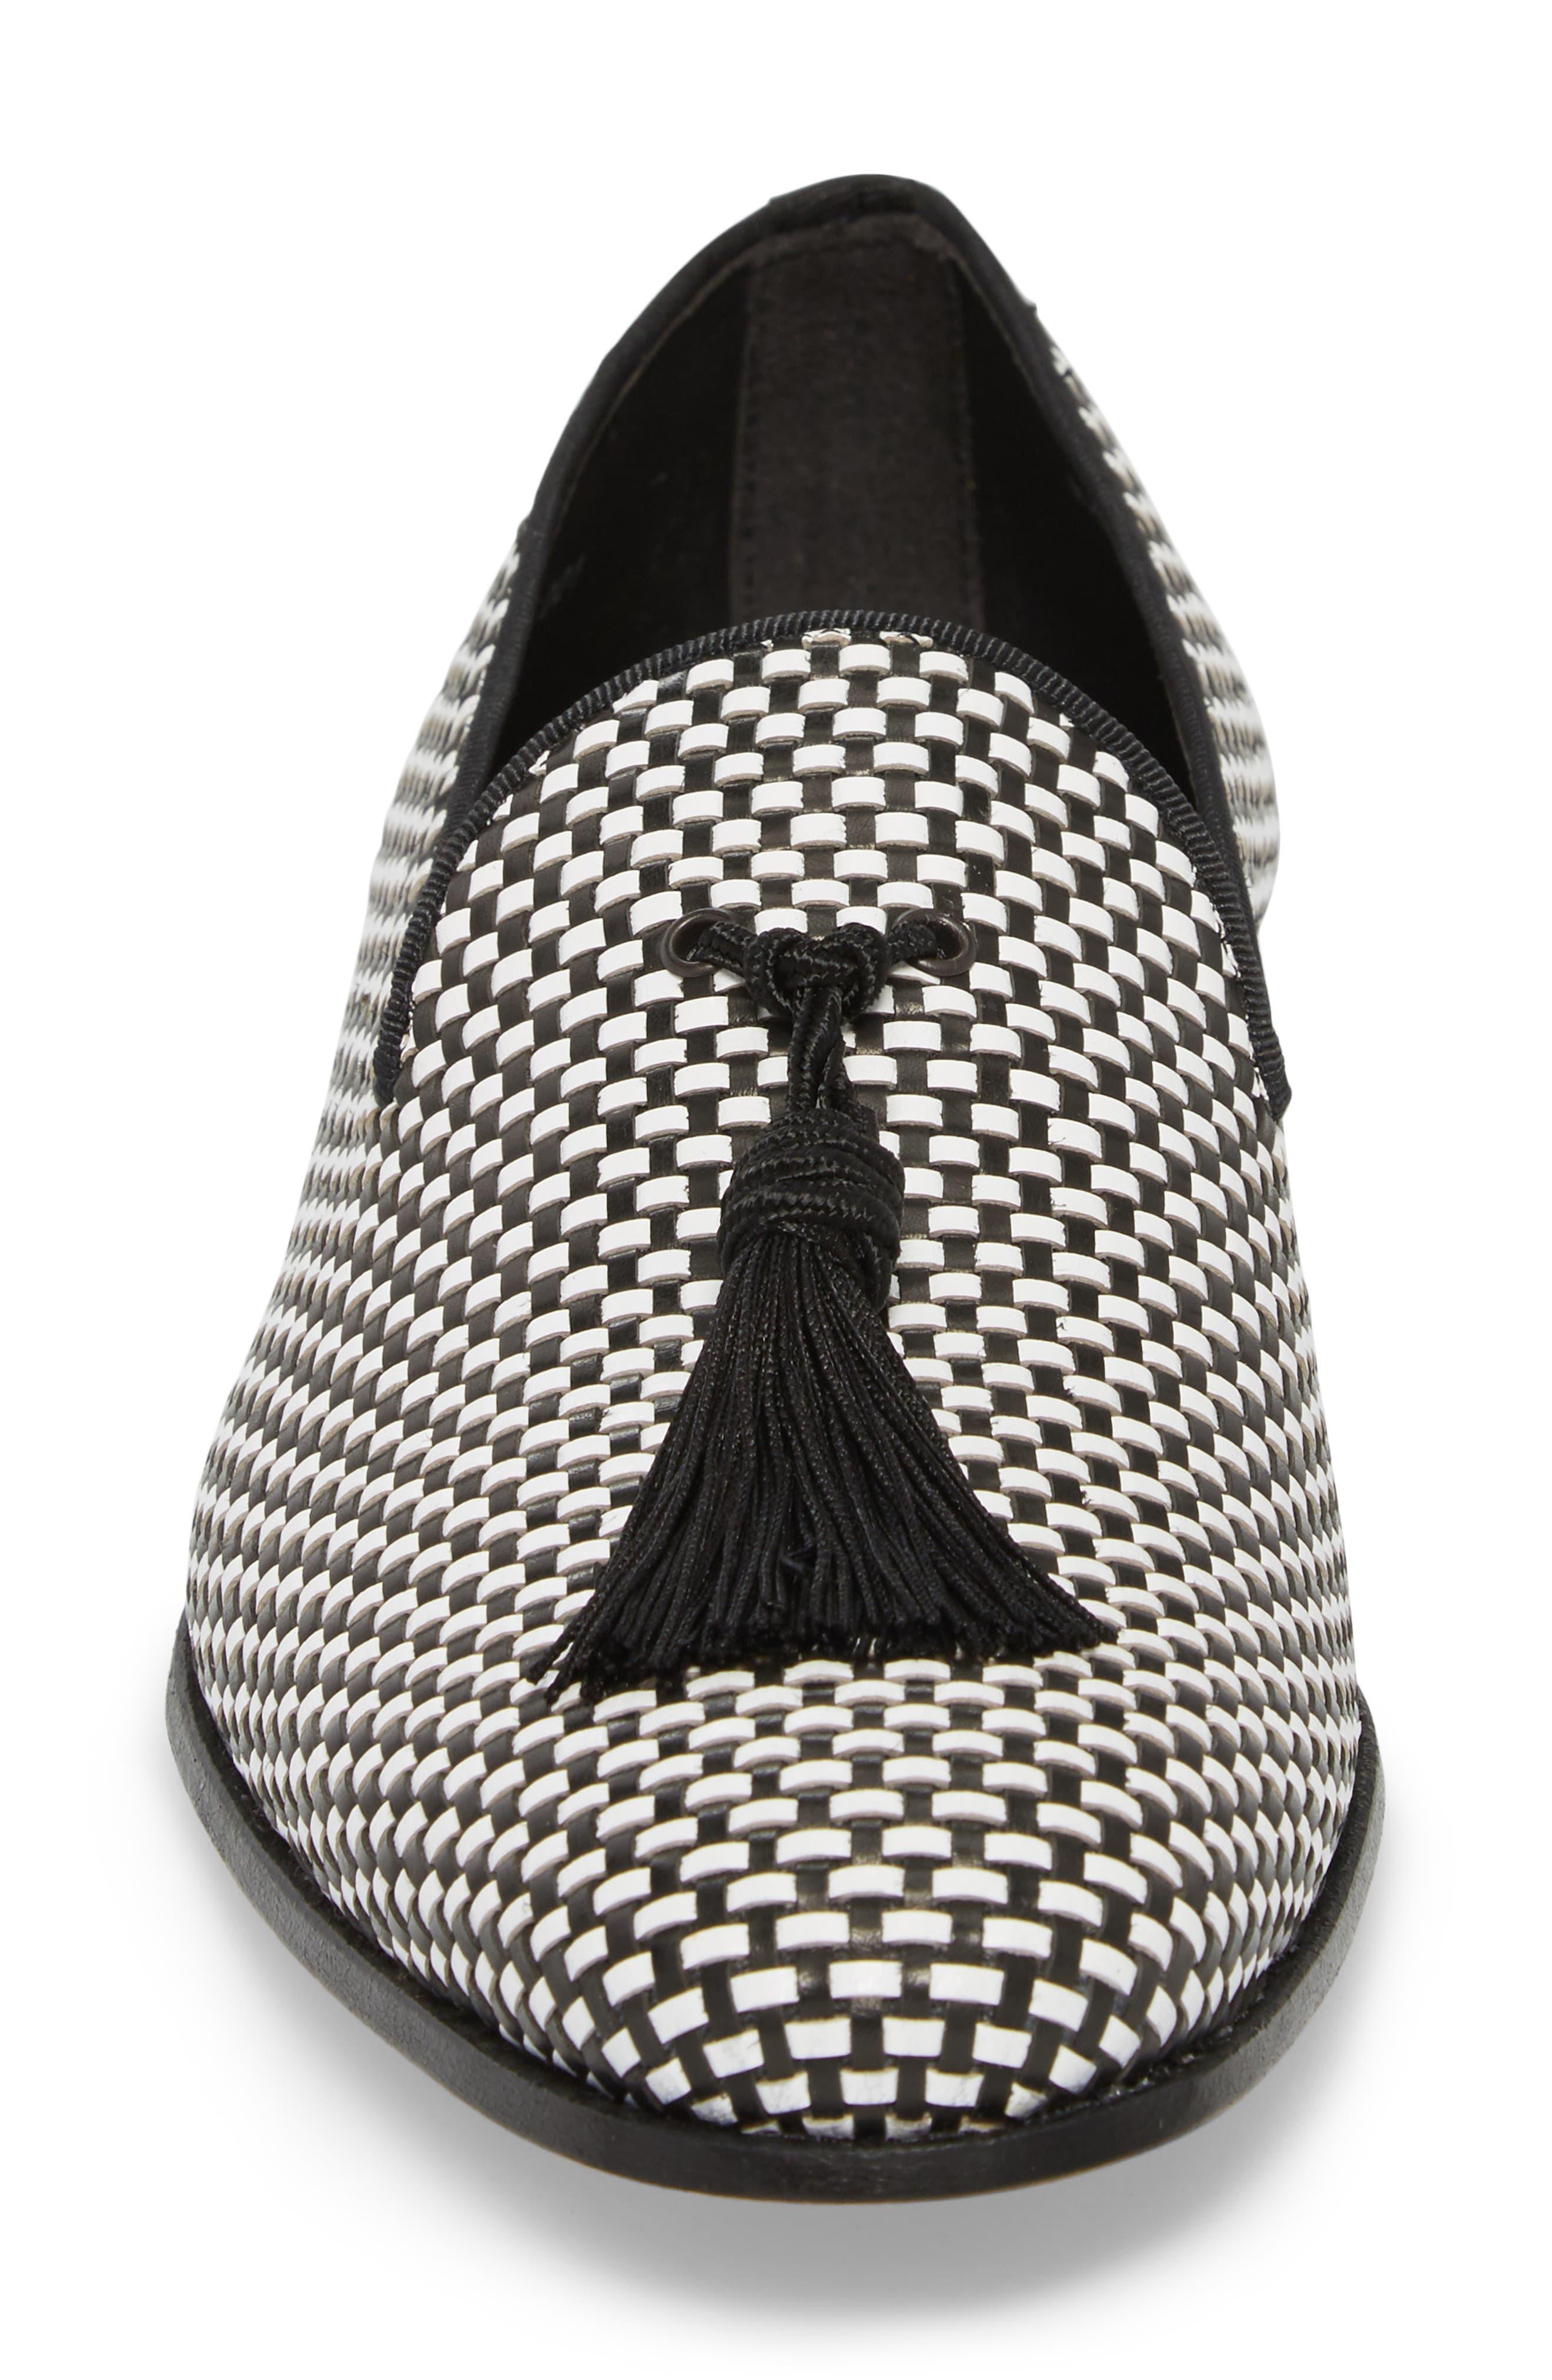 Egeo Tassel Loafer,                             Alternate thumbnail 4, color,                             Black/ White Leather